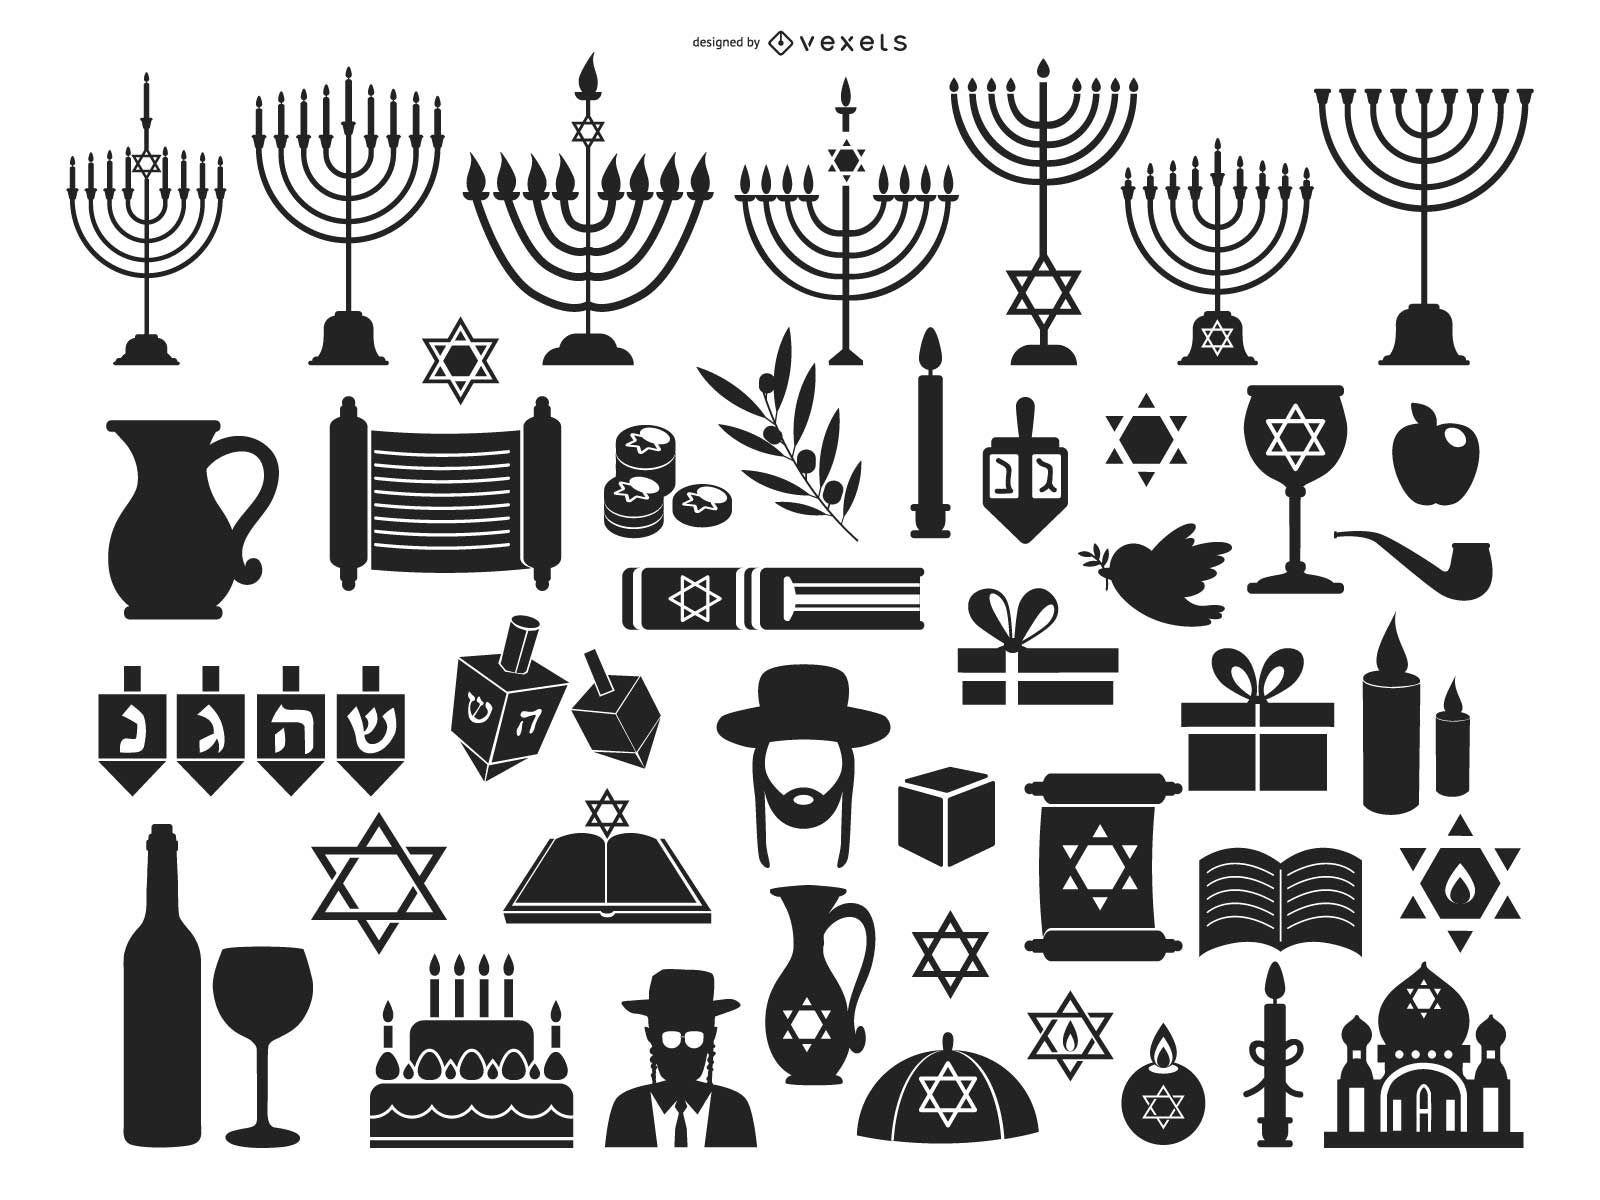 Symbol Pack for Happy Hanukkah